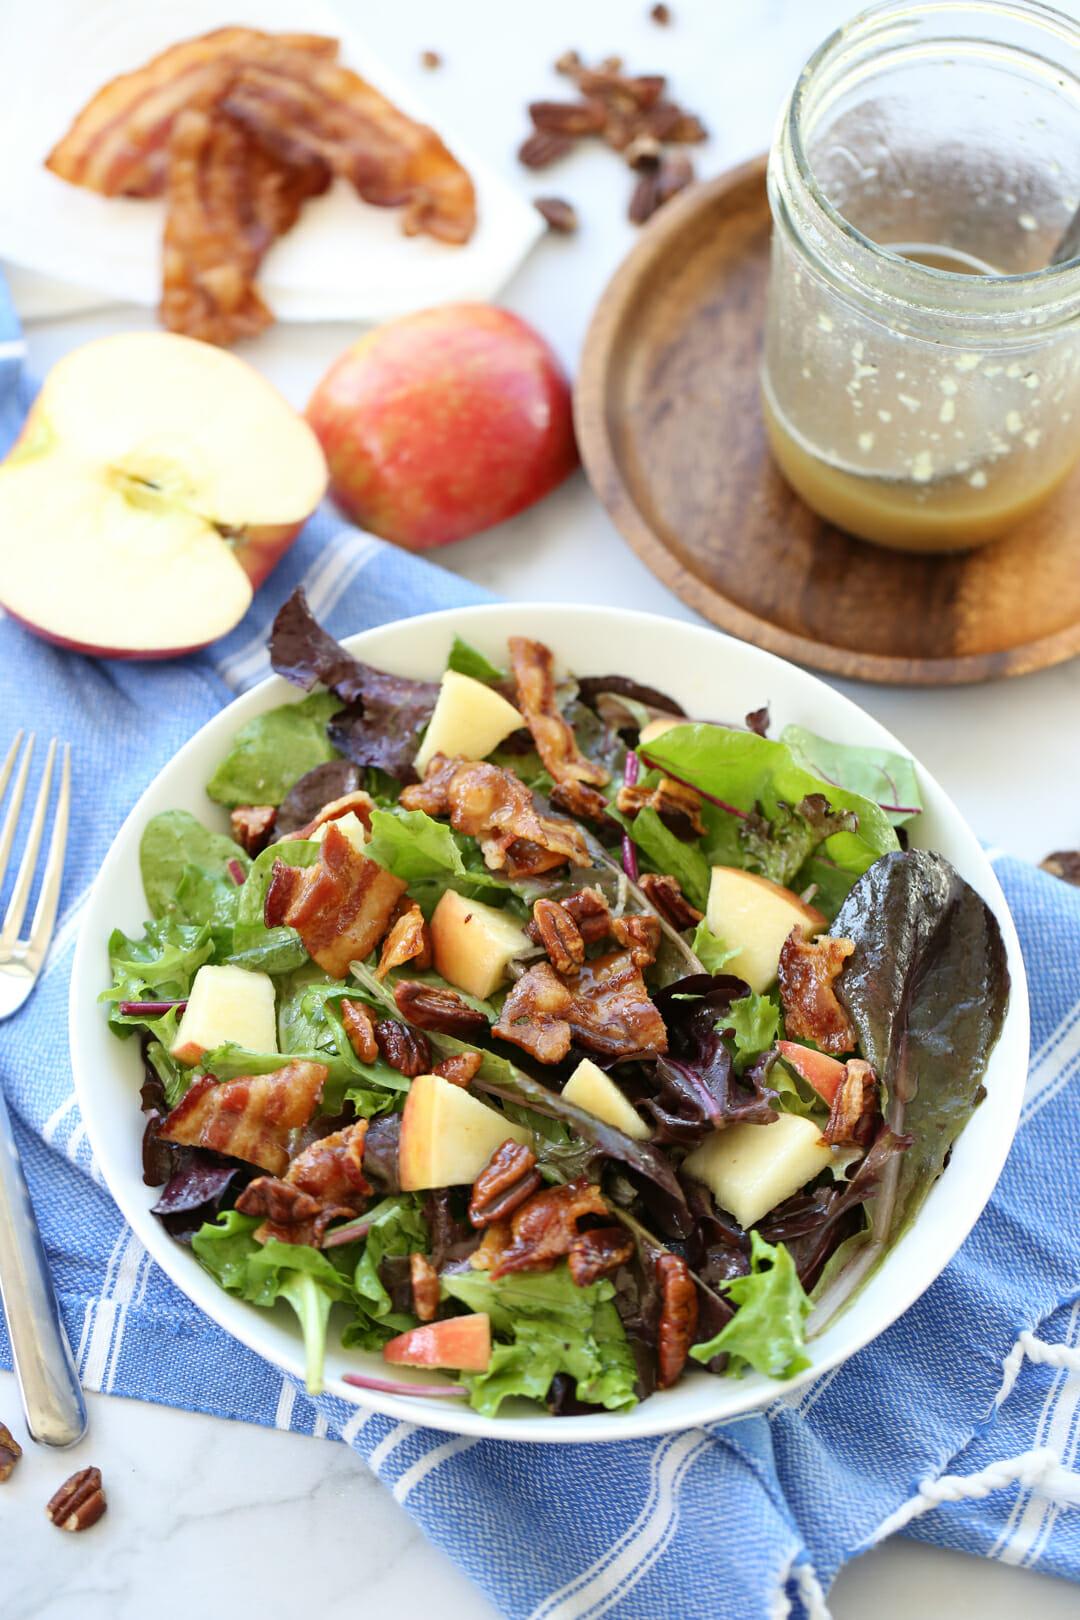 autumn salad on plate